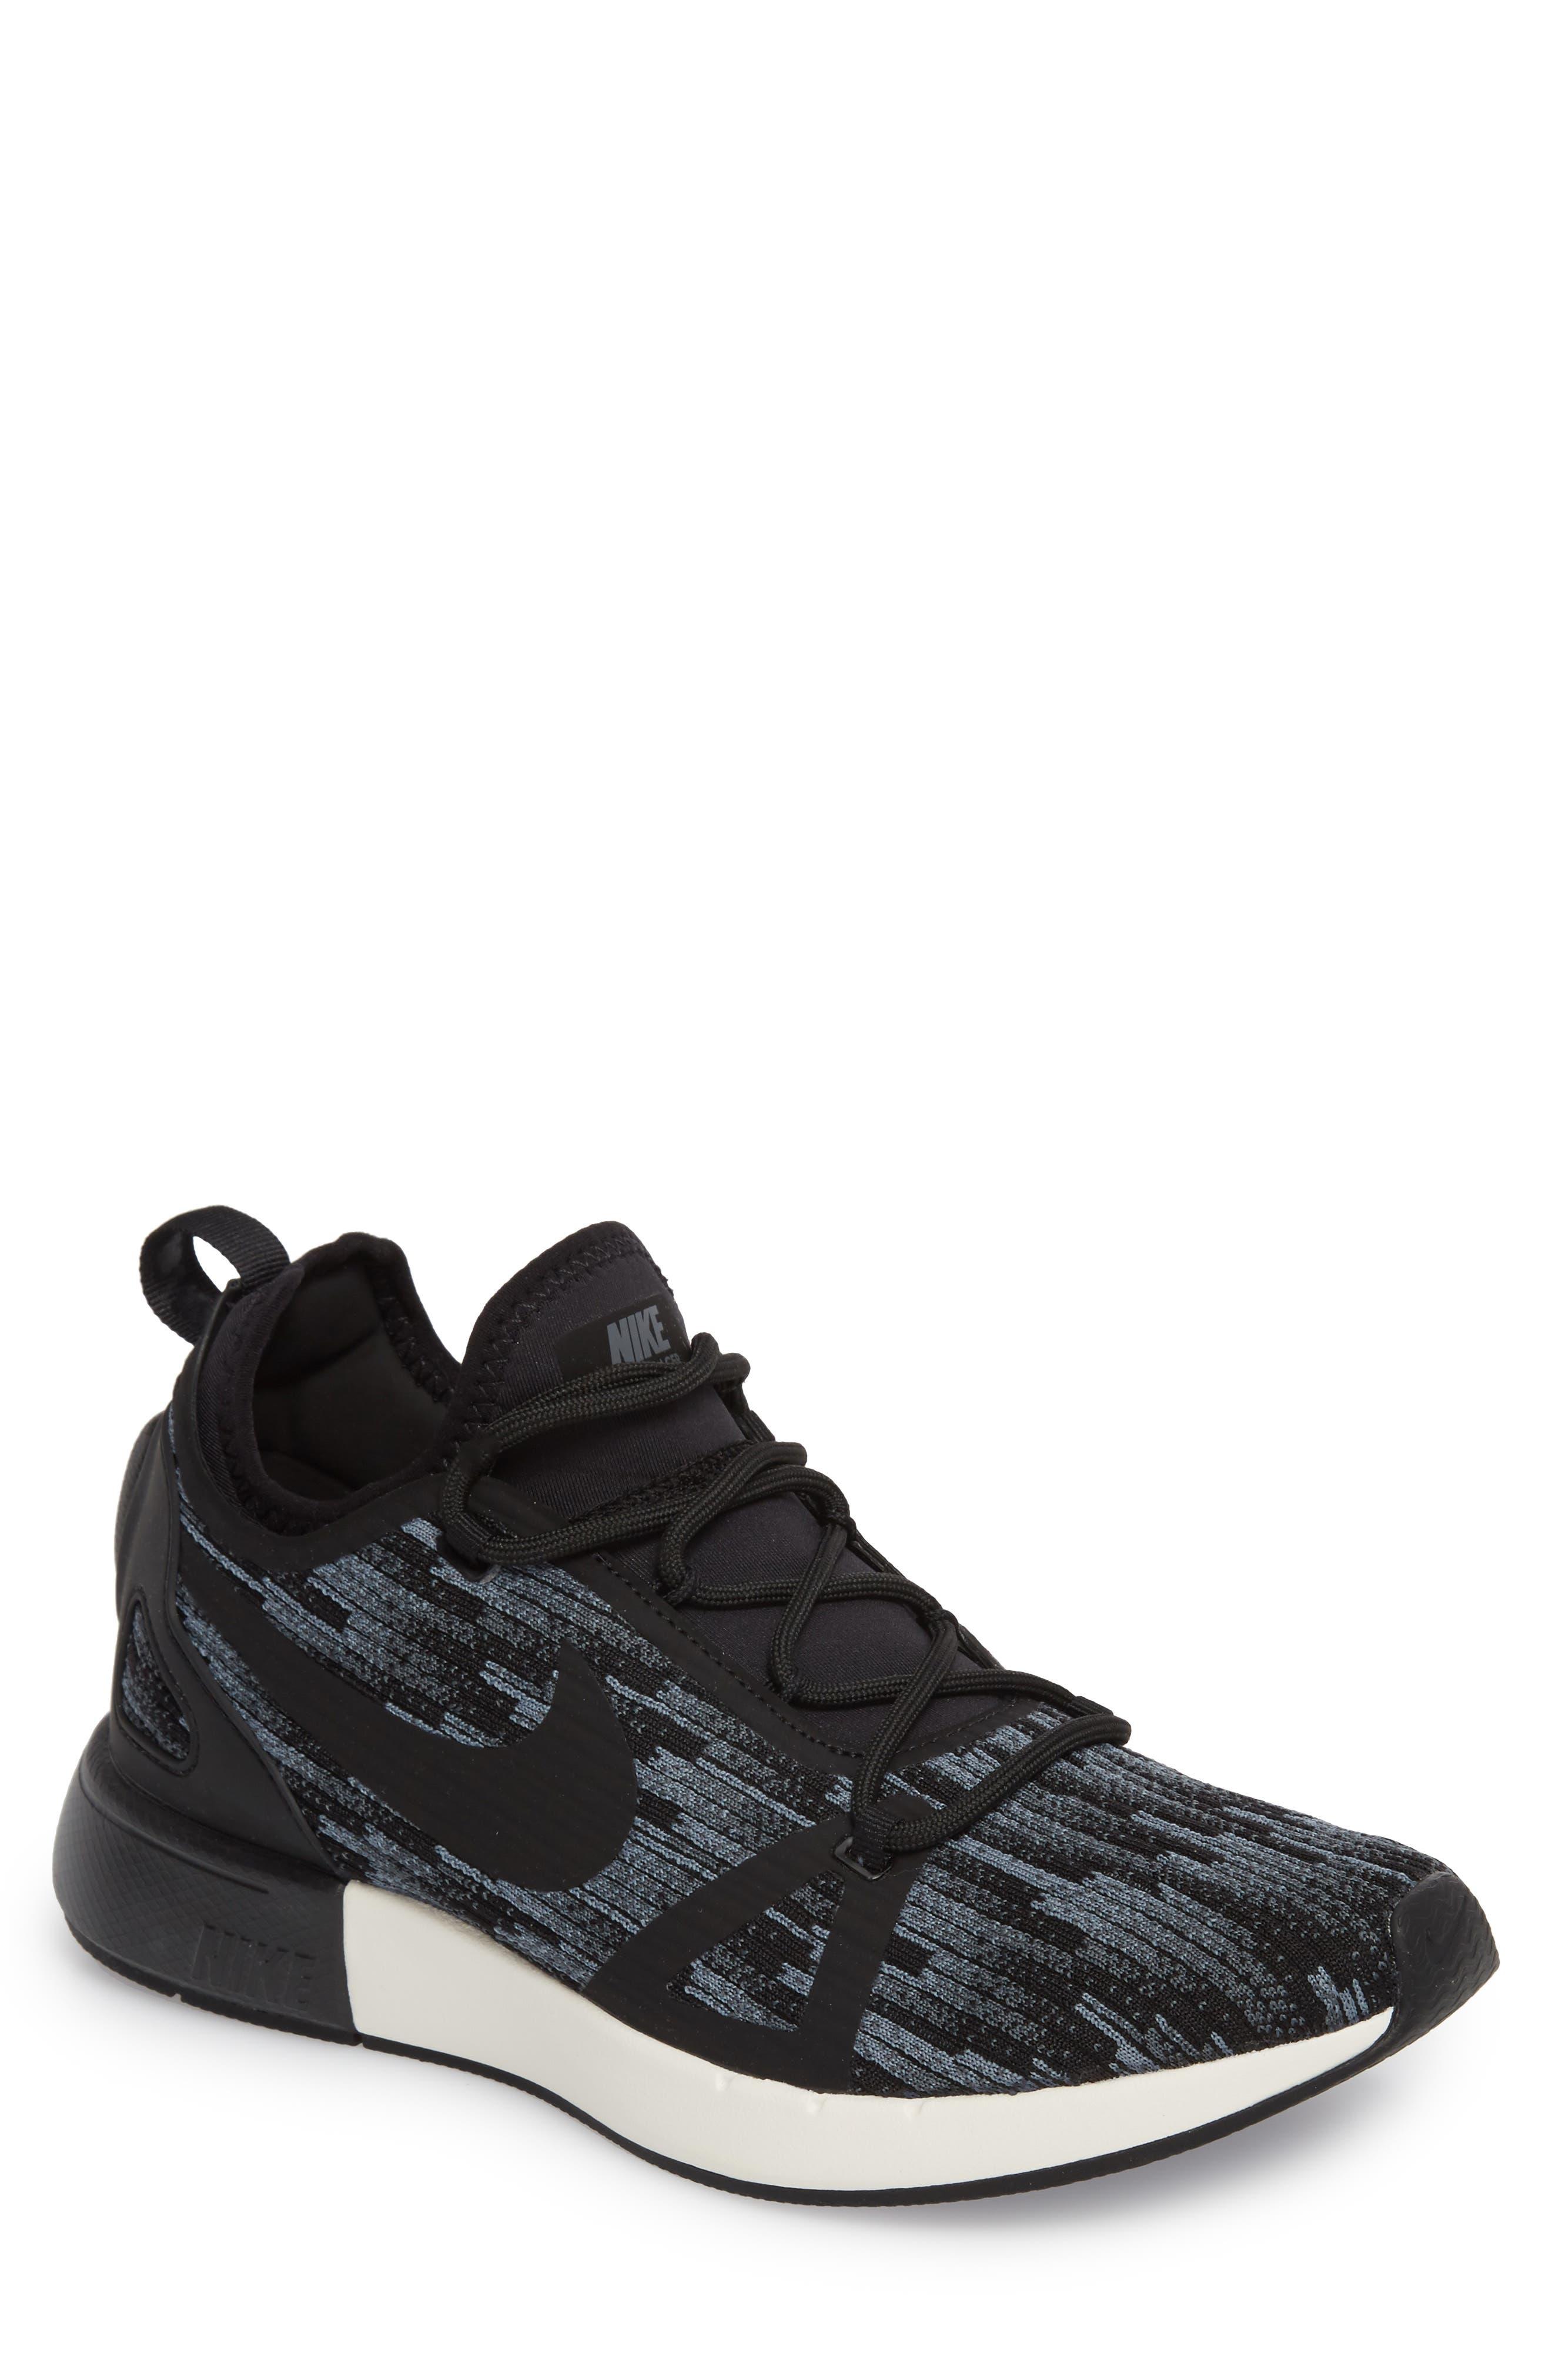 Nike  DUEL RACER SE KNIT SNEAKER